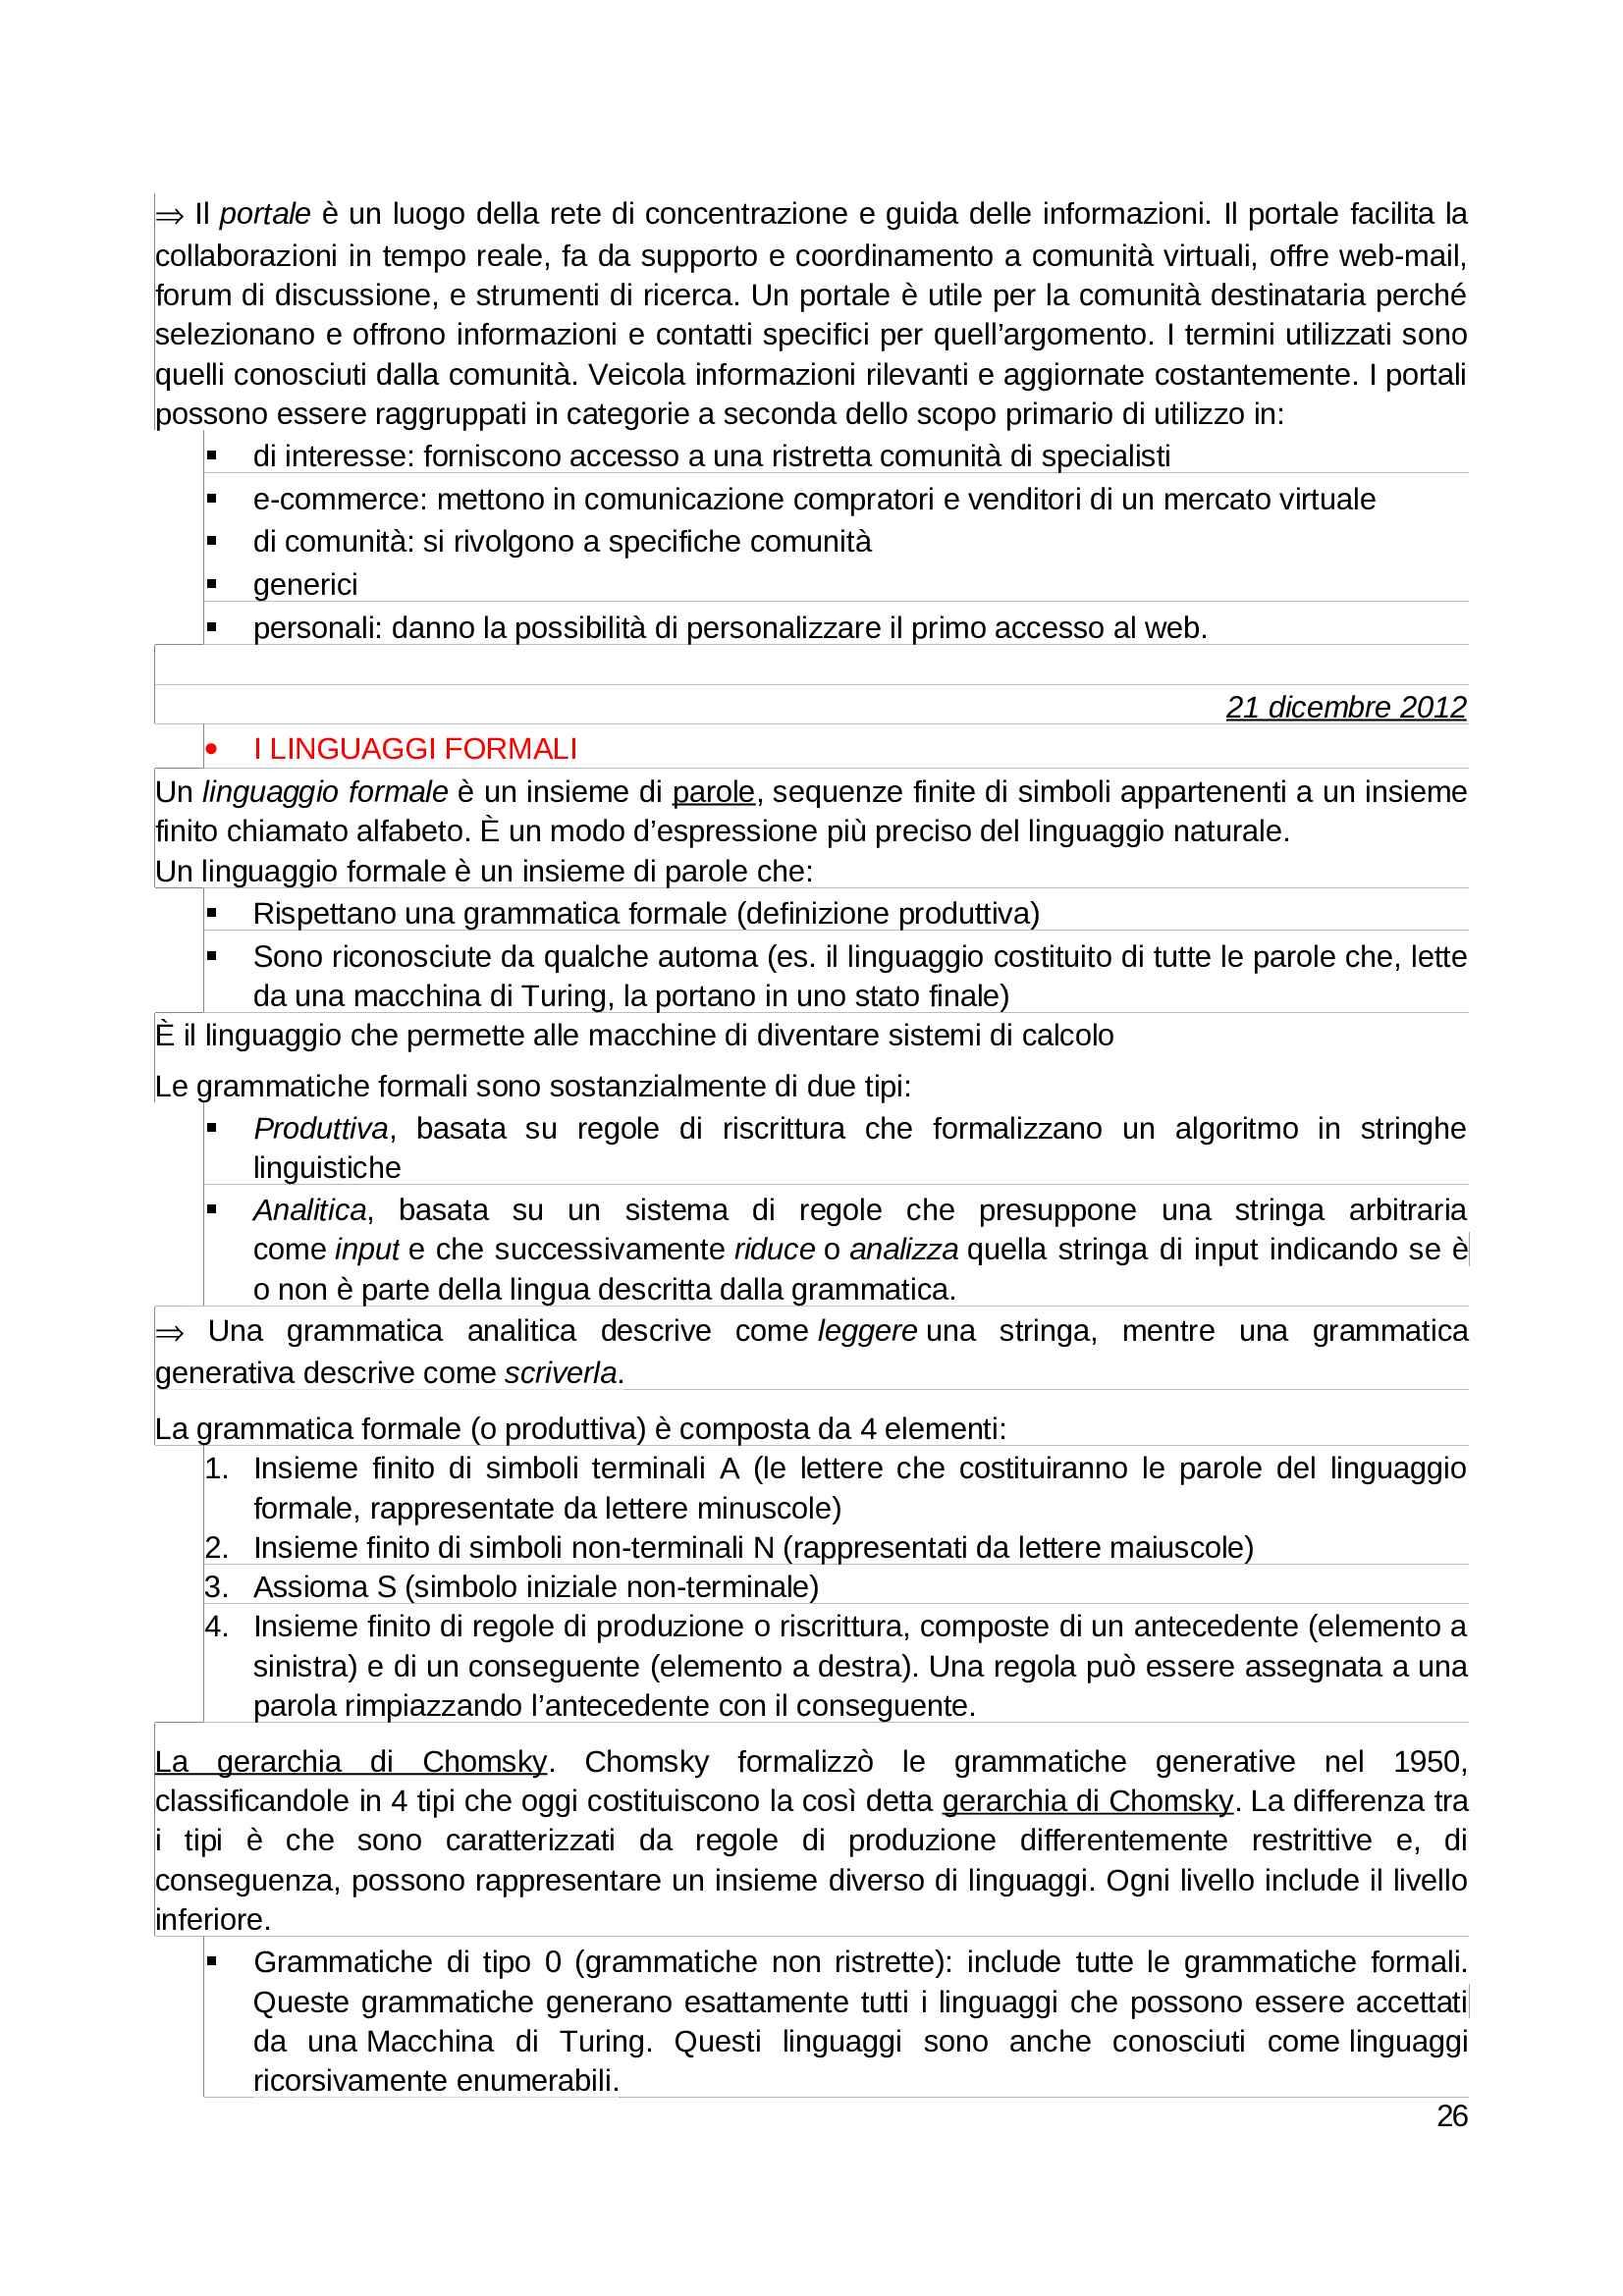 Riassunto esame e Appunti di Fondamenti di Informatica per la Progettazione Multimediale. Dai linguaggi formali all'inclusione digitale, prof. Padula Pag. 26